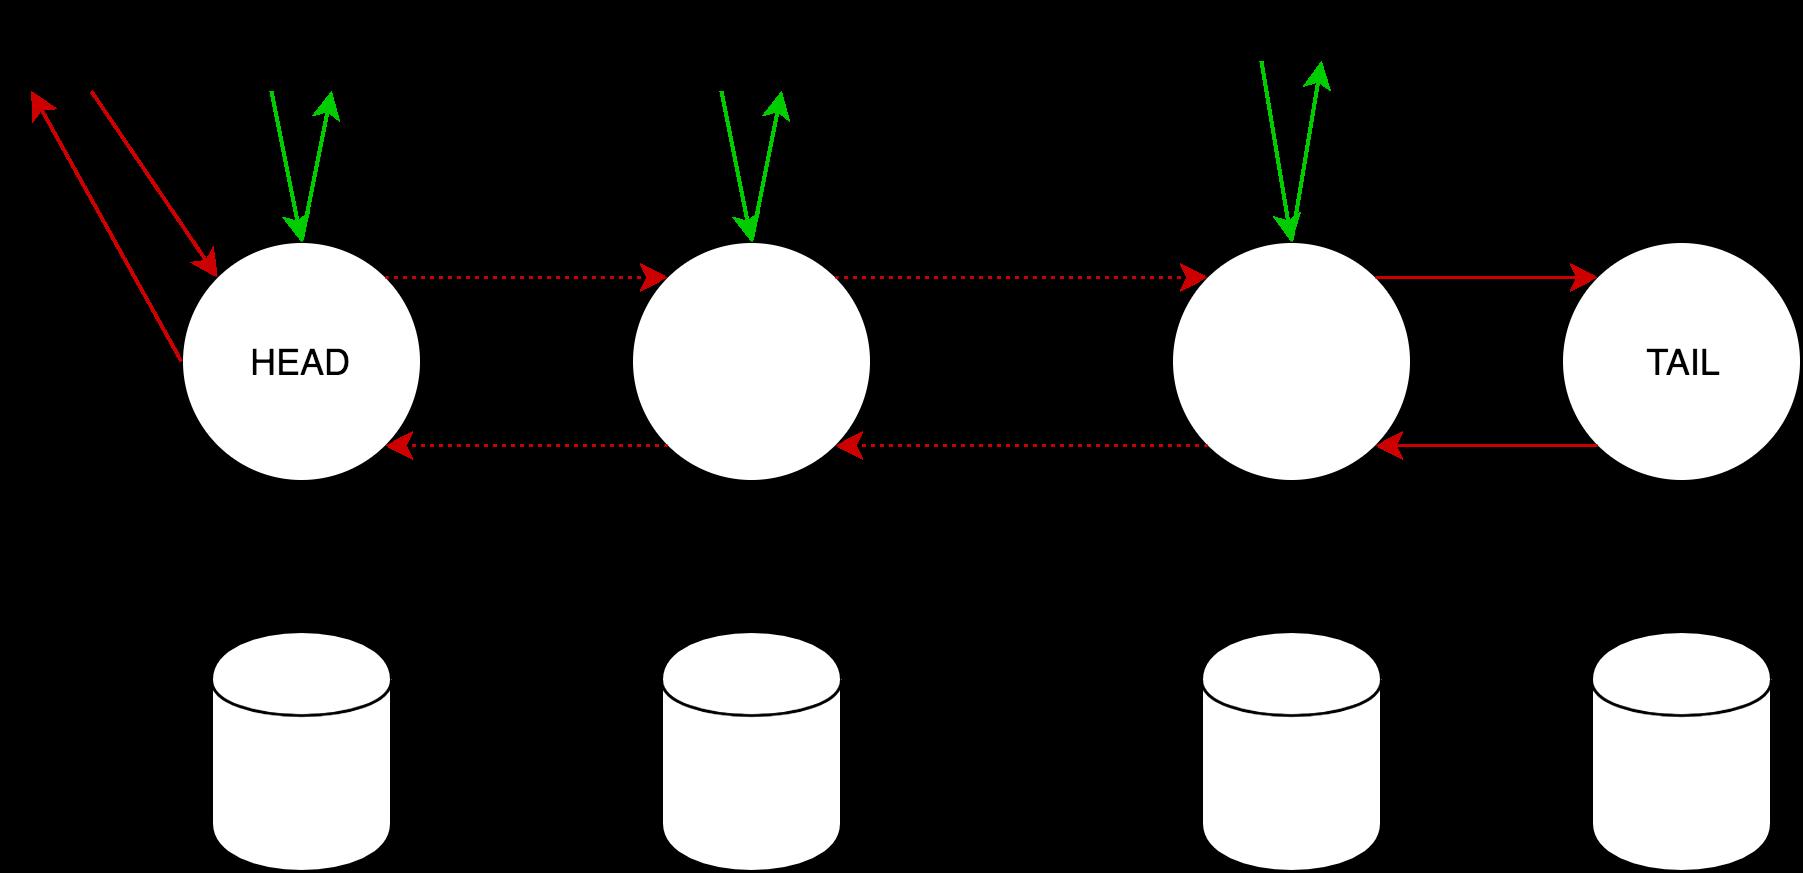 Chain replication: построение эффективного KV-хранилища (часть 1-2) - 25